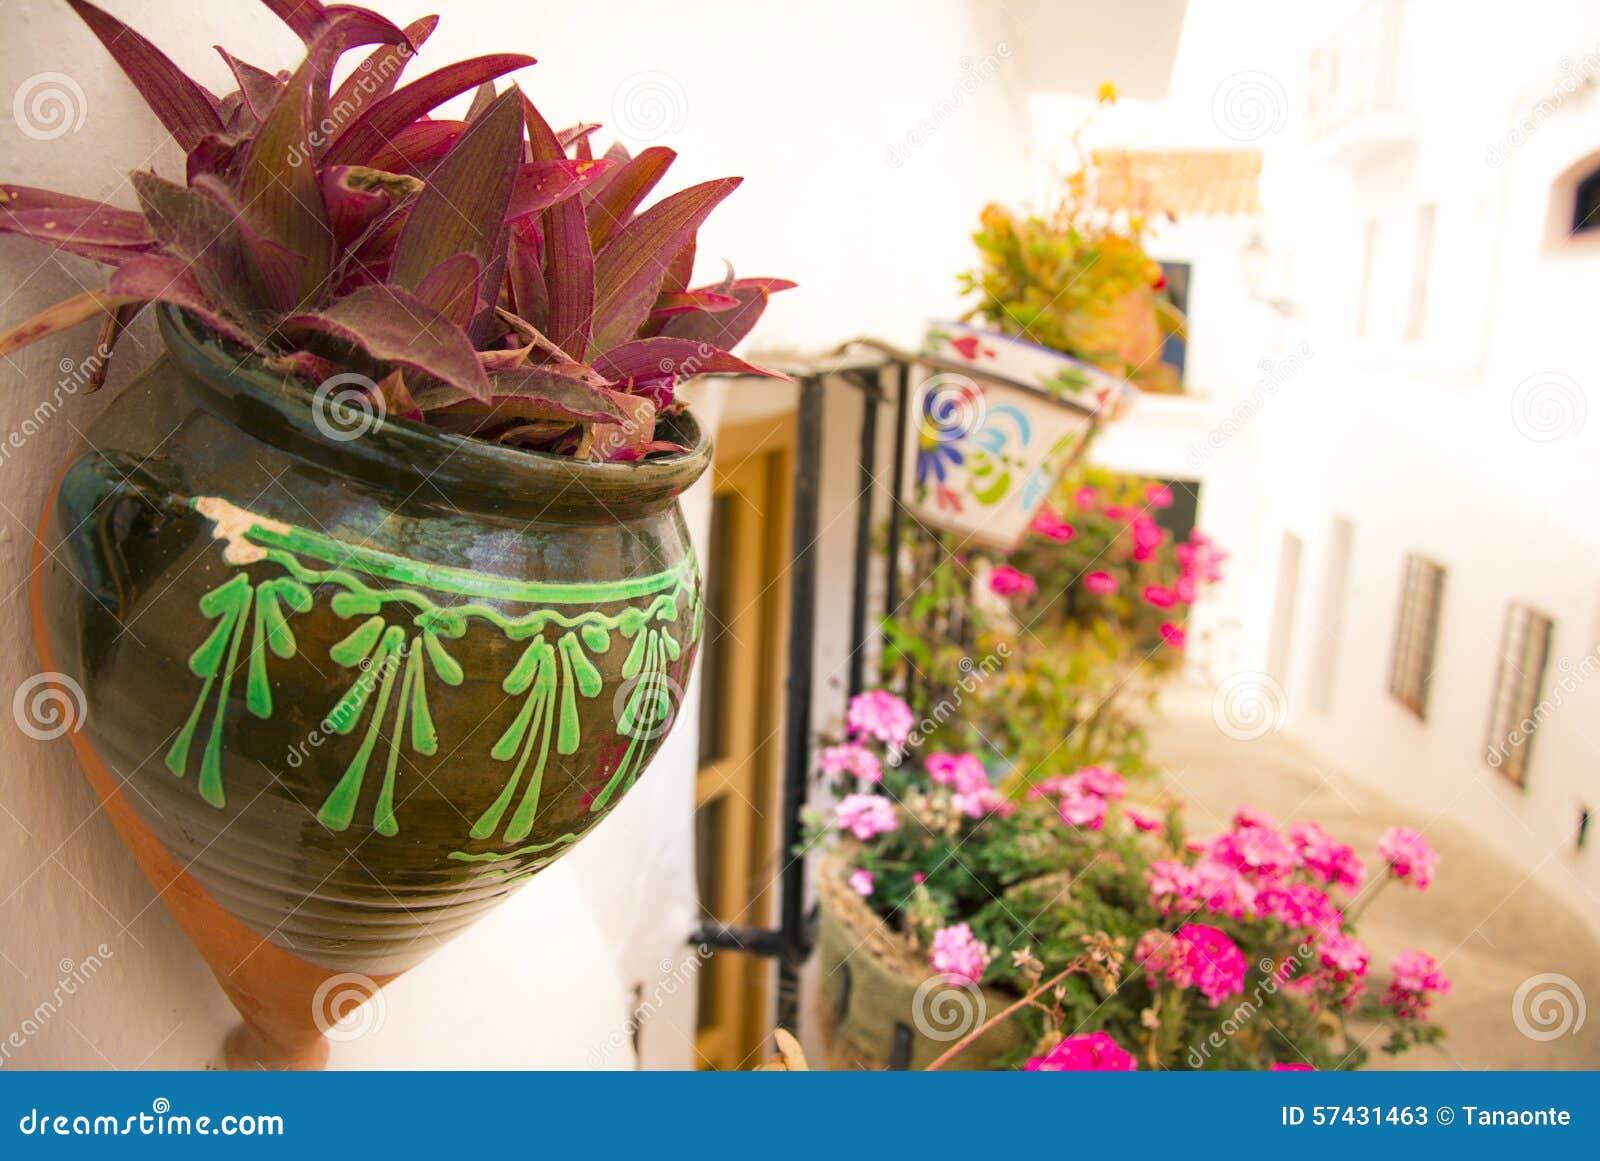 Les pots de fleurs ont accroch sur le mur dans andalousie - Accroche pot de fleur ...